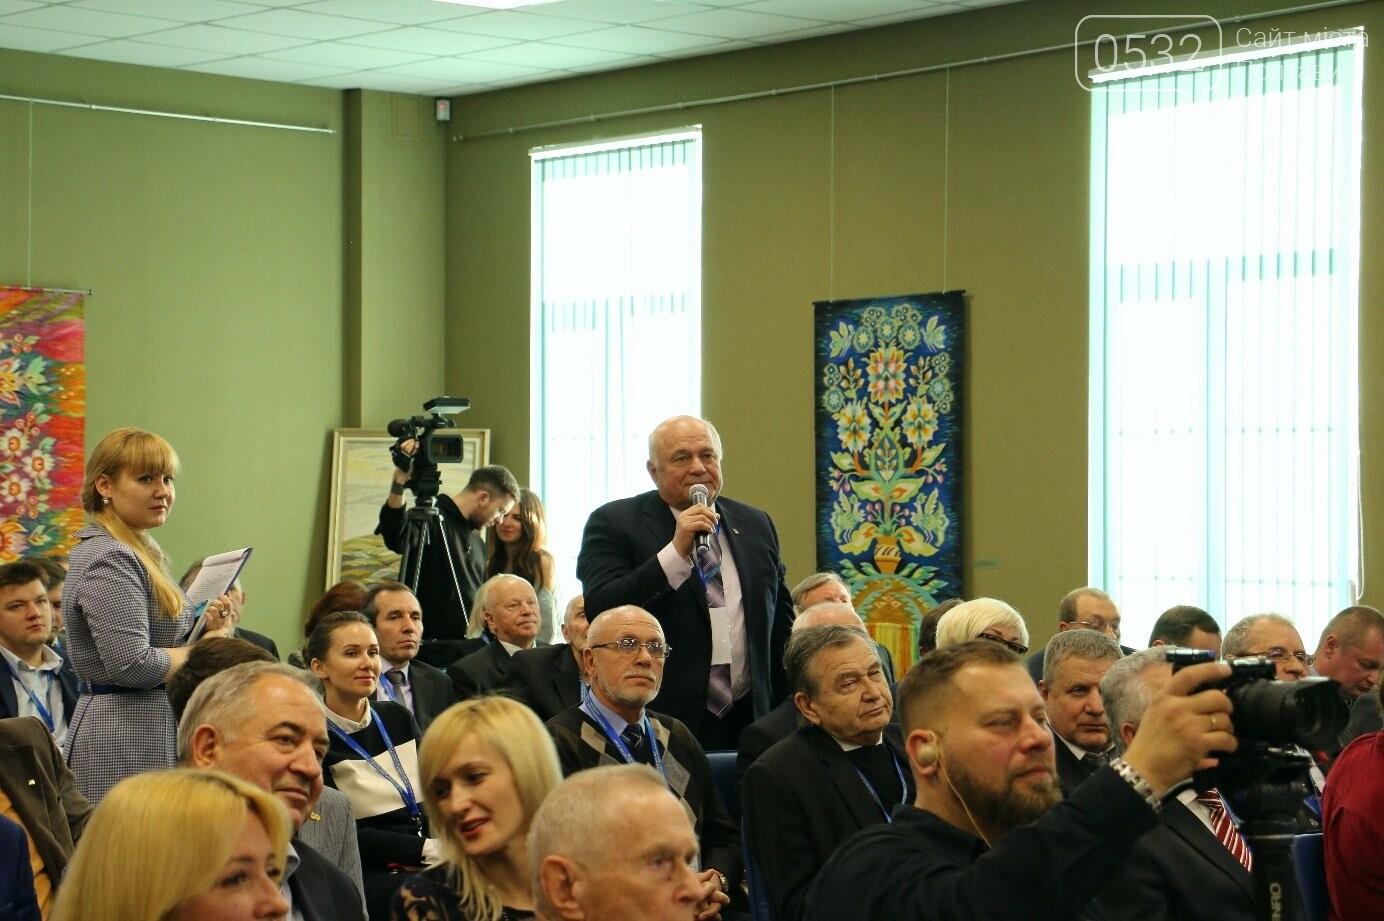 Полтавський національний технічний університет імені Юрія Кондратюка став «Полтавською політехнікою», фото-13